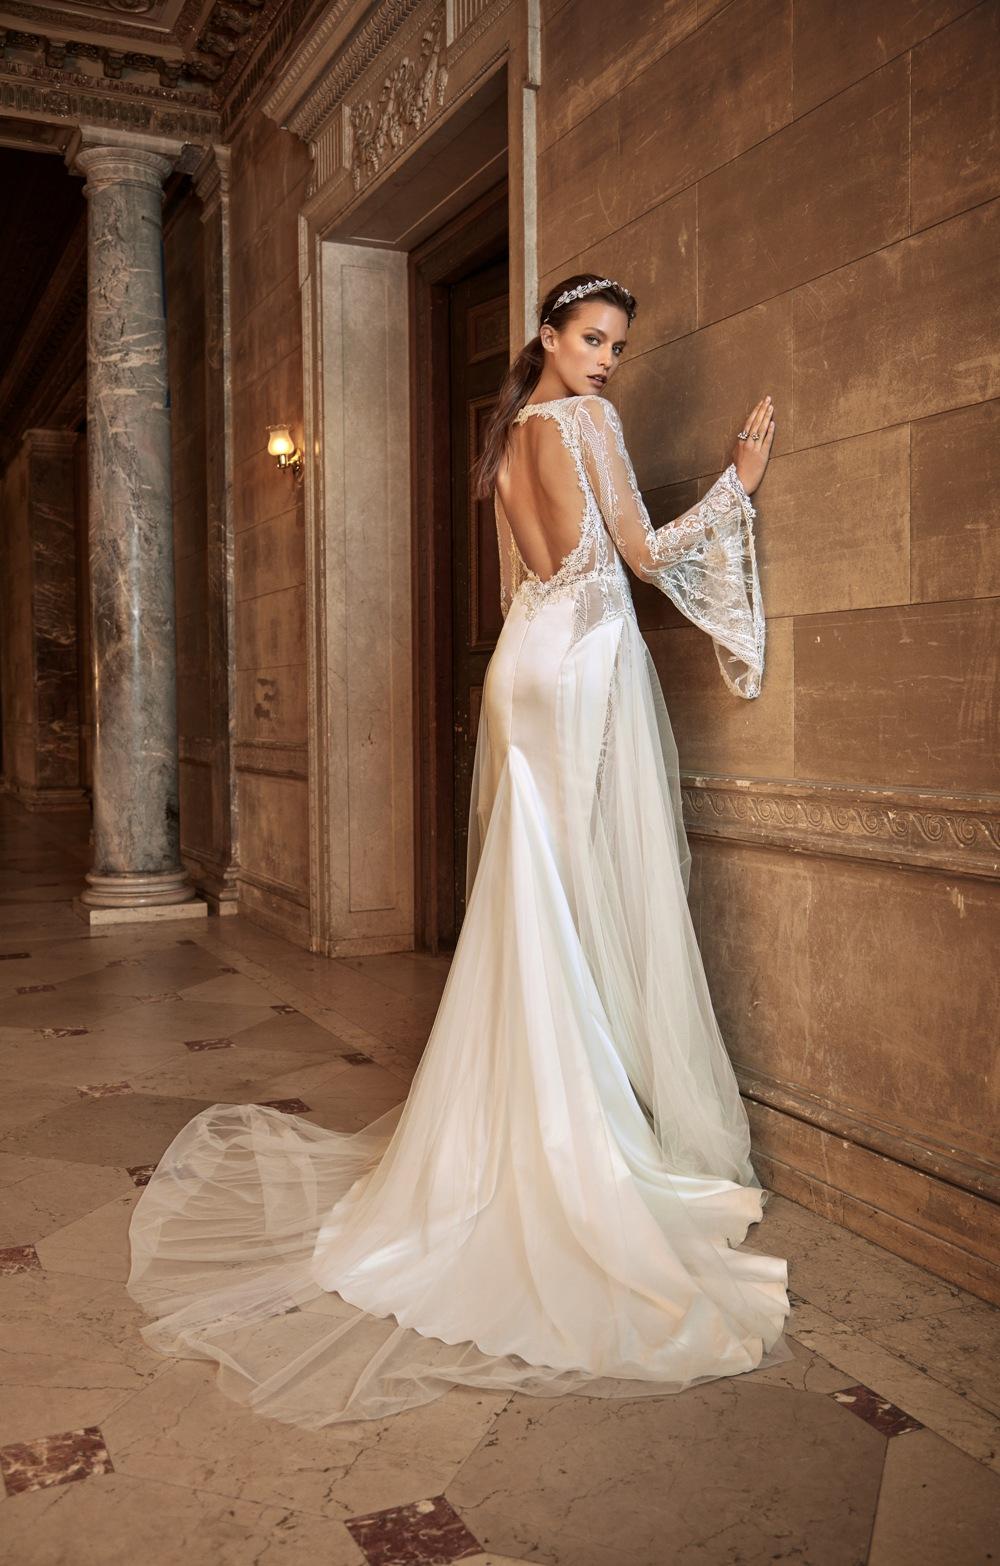 Brautkleid von Galia Lahav mit weiten Ärmeln